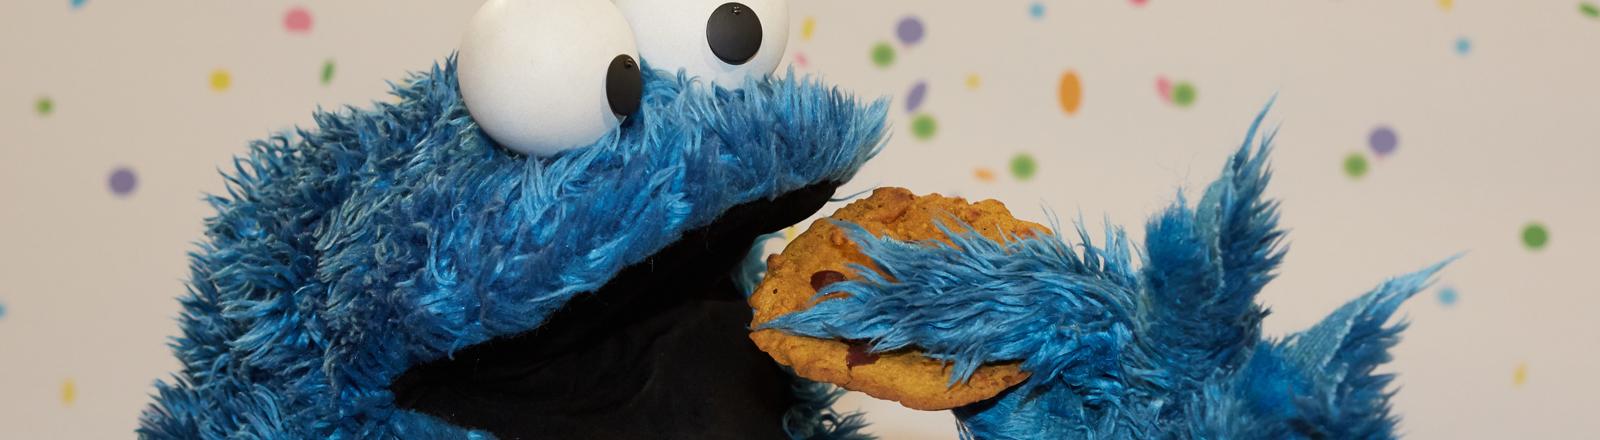 DPA: Das Krümelmonster aus der Sesamstraße isst einen Keks